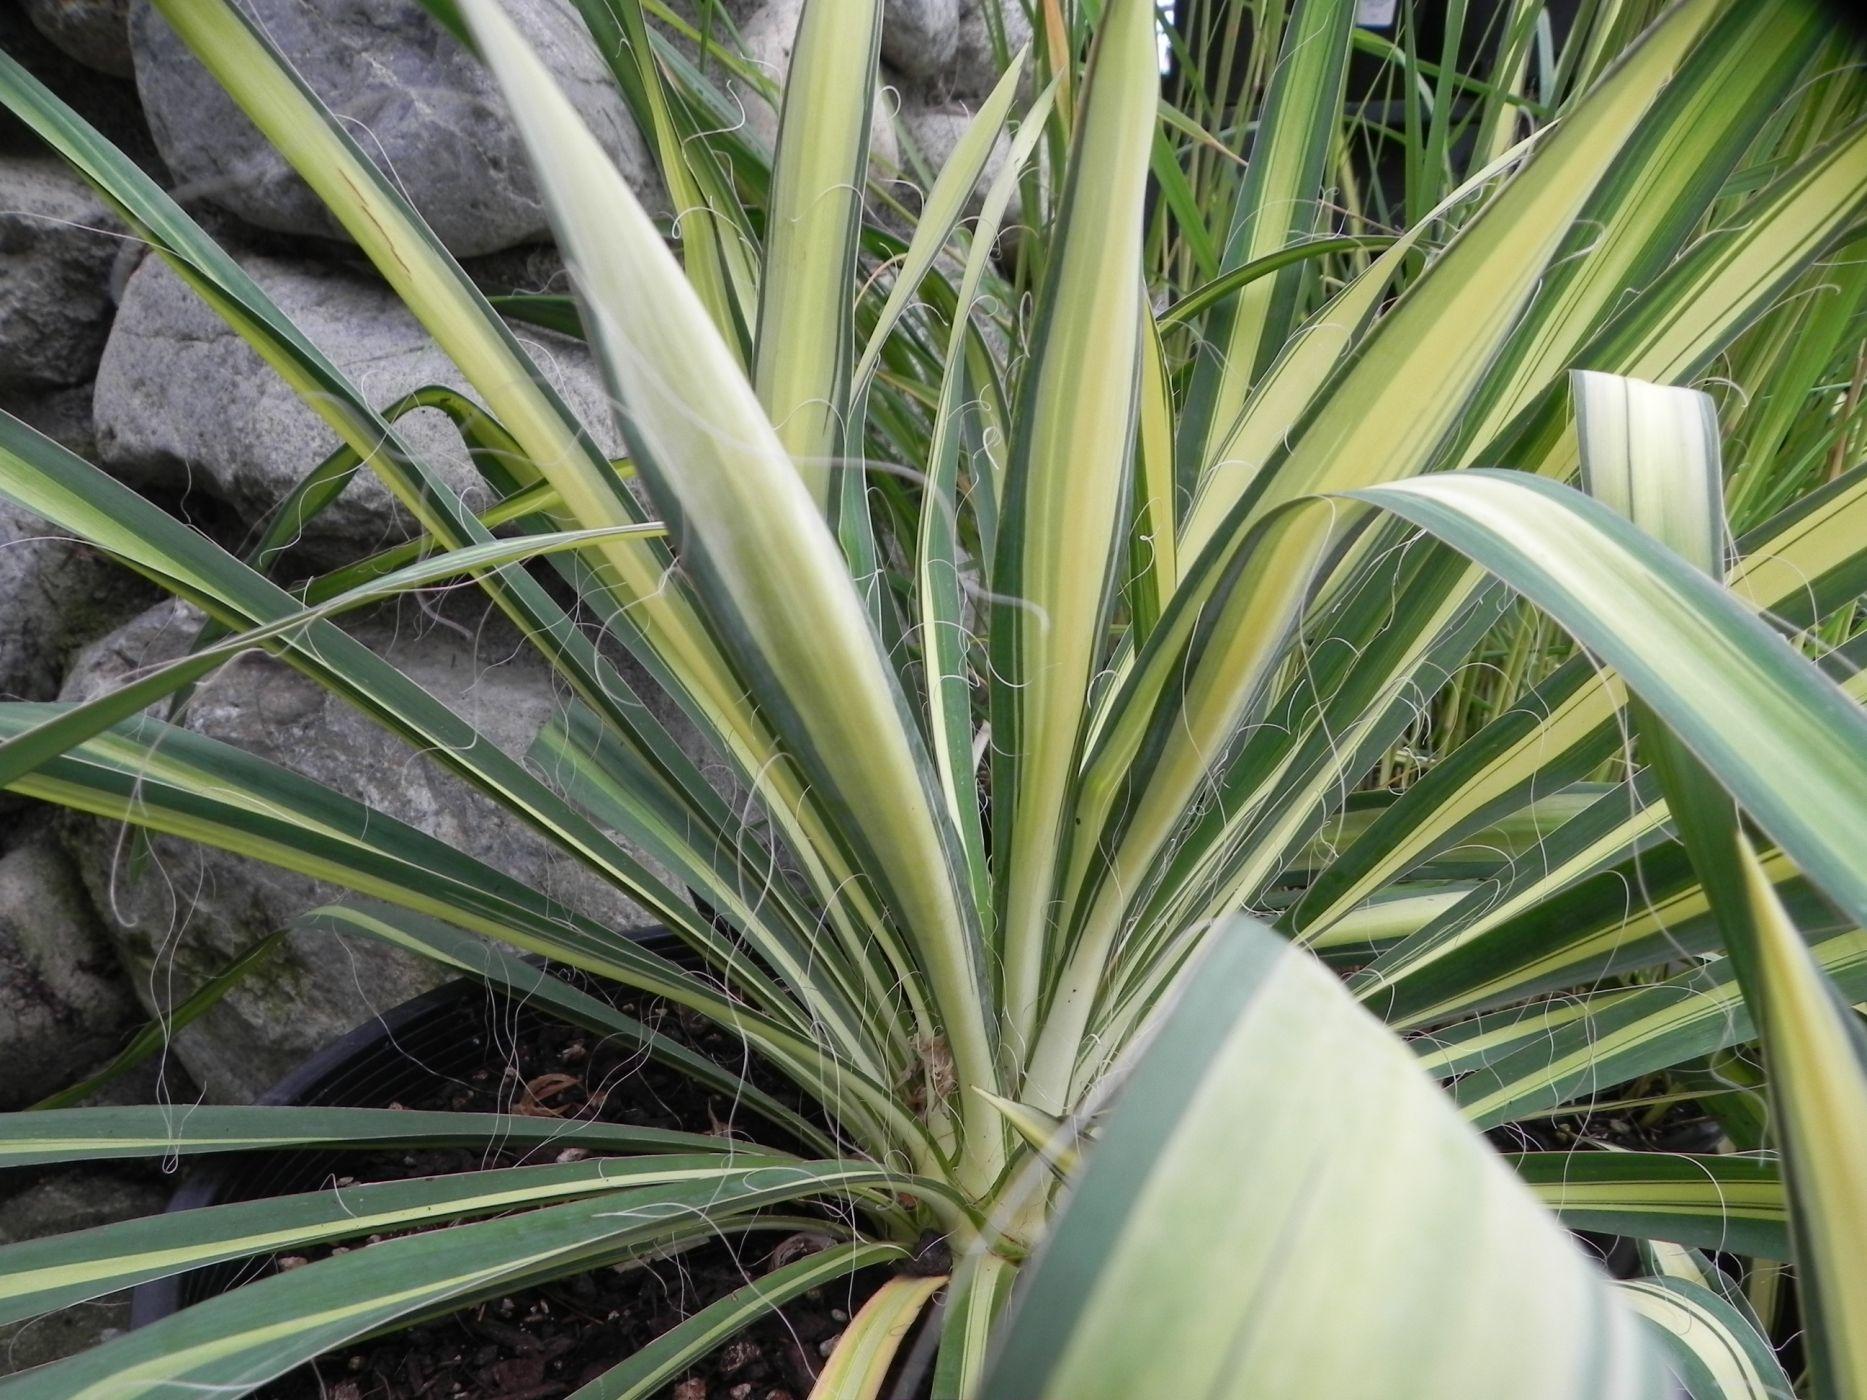 5 drought tolerant plants in the northwest sublime garden design landscape design. Black Bedroom Furniture Sets. Home Design Ideas